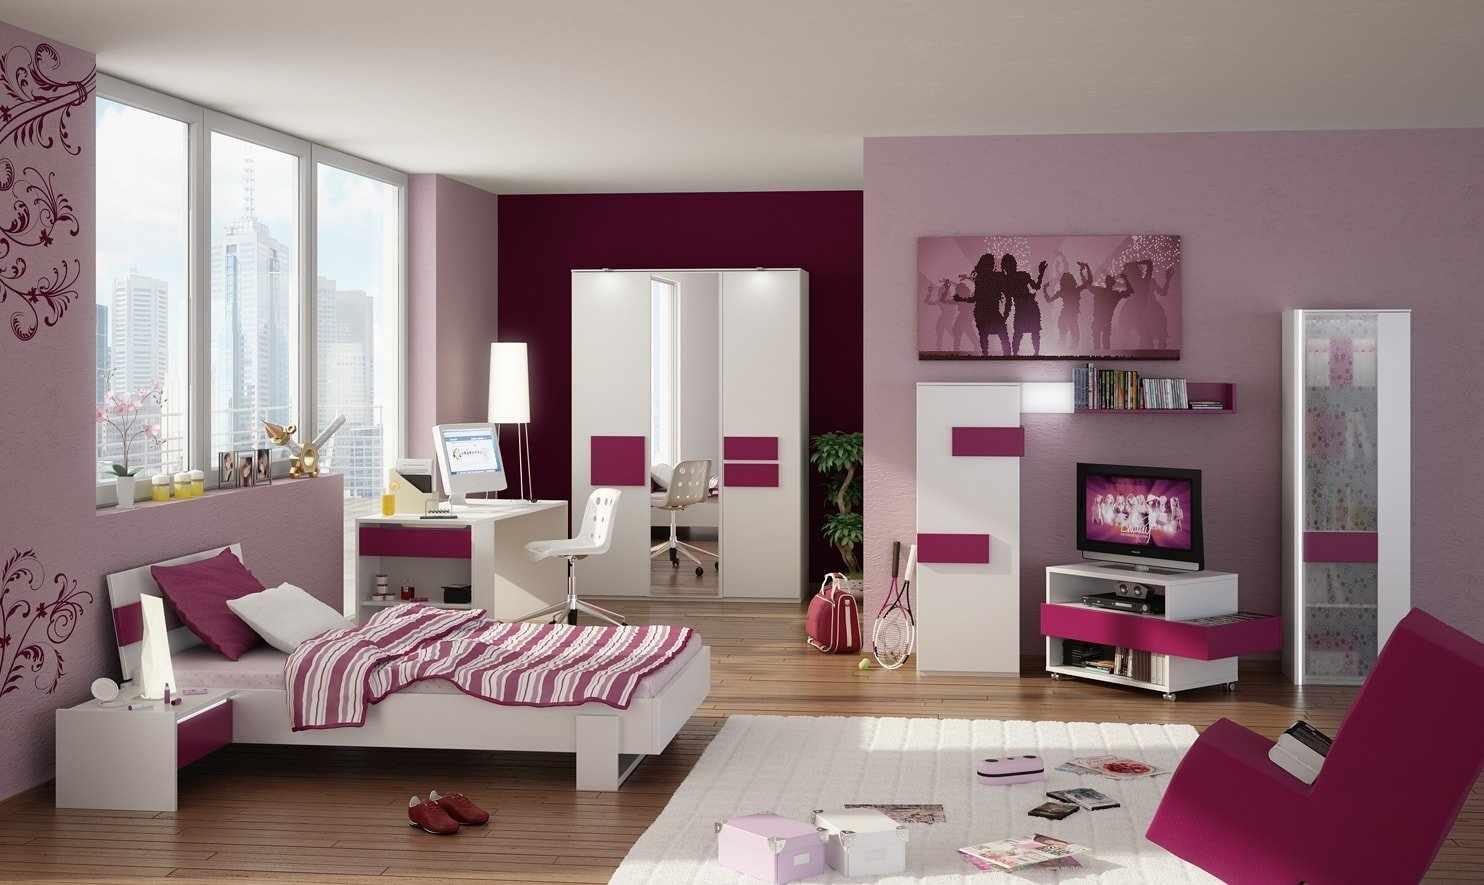 Зонирование пространства в комнате для девушки